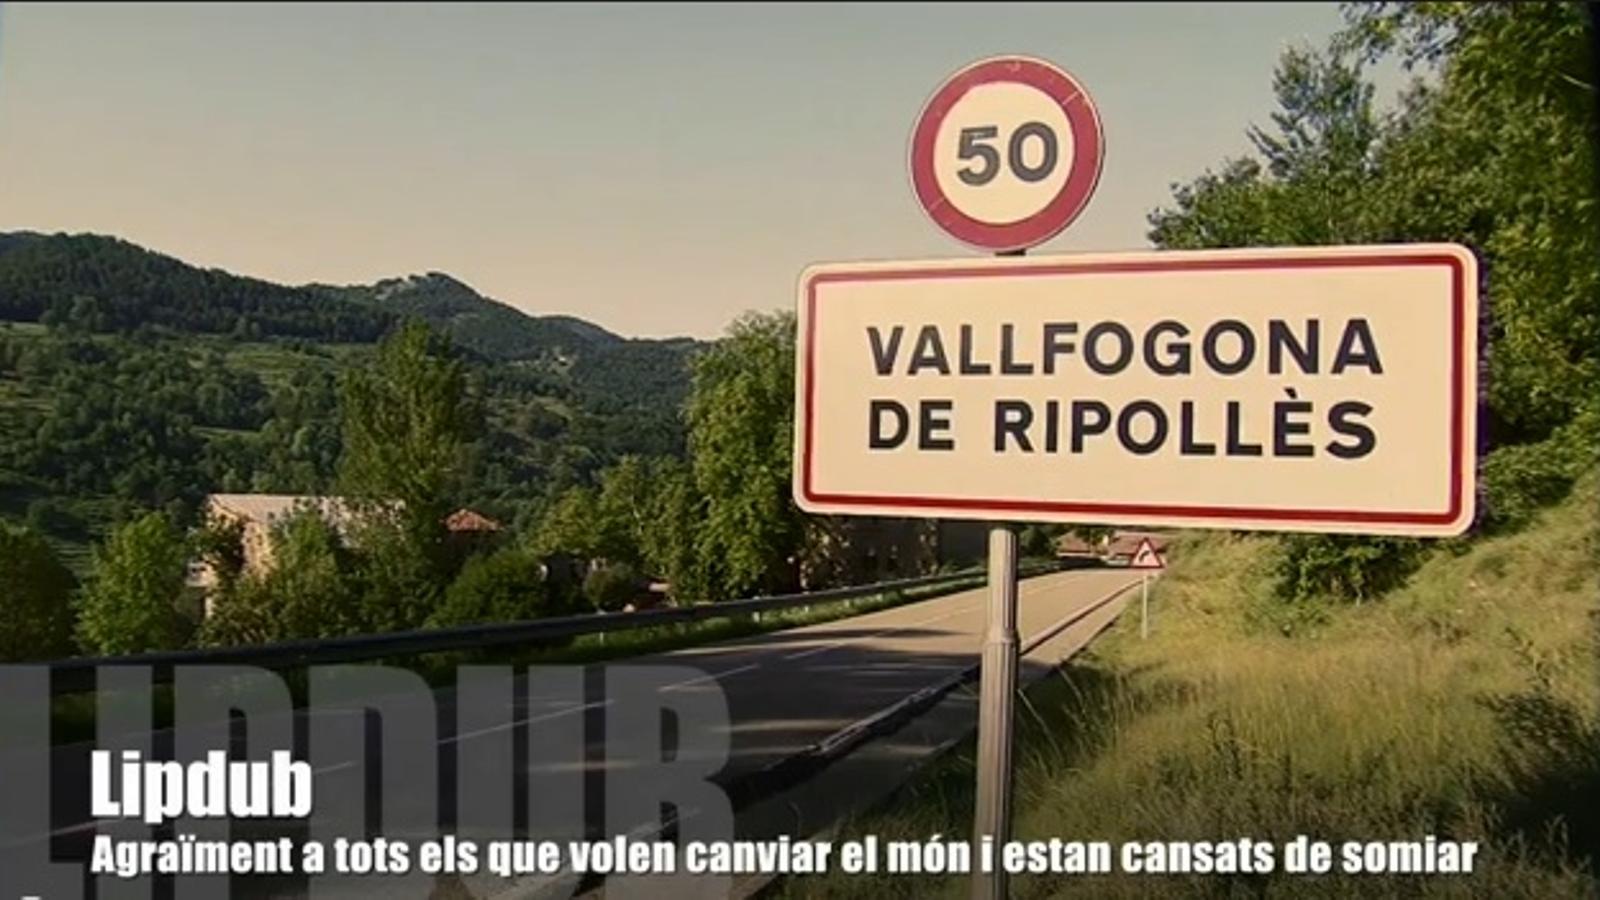 El 'Lip dub' de Vallfogona de Ripollès